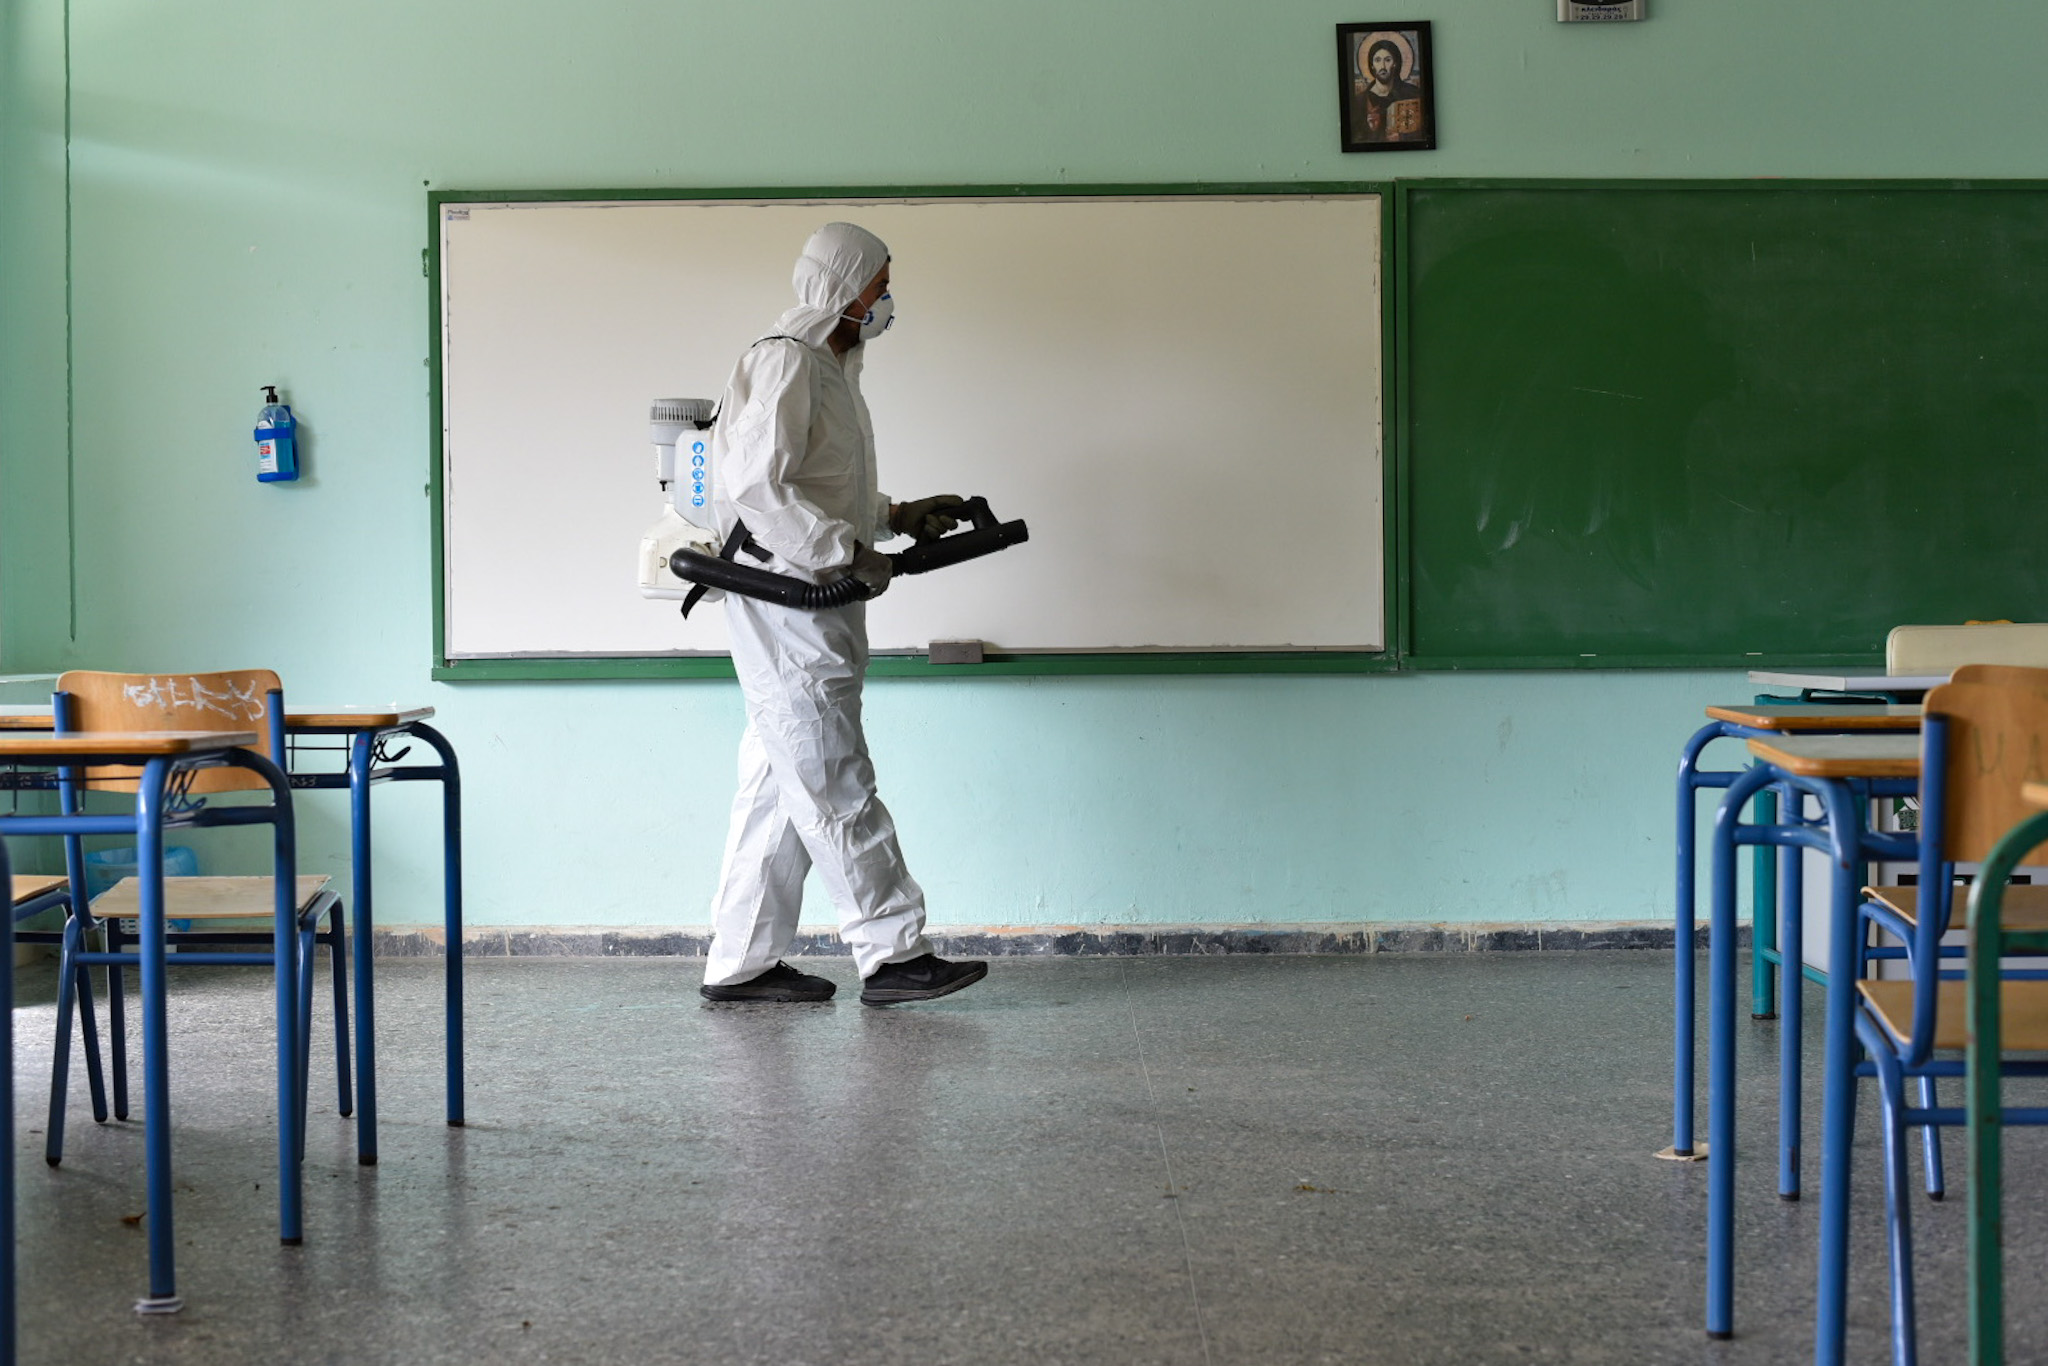 Σχολεία – Δήμος Αθηναίων: Σαρωτική καθαριότητα και απολύμανση πριν το πρώτο κουδούνι – Δείτε φωτογραφίες